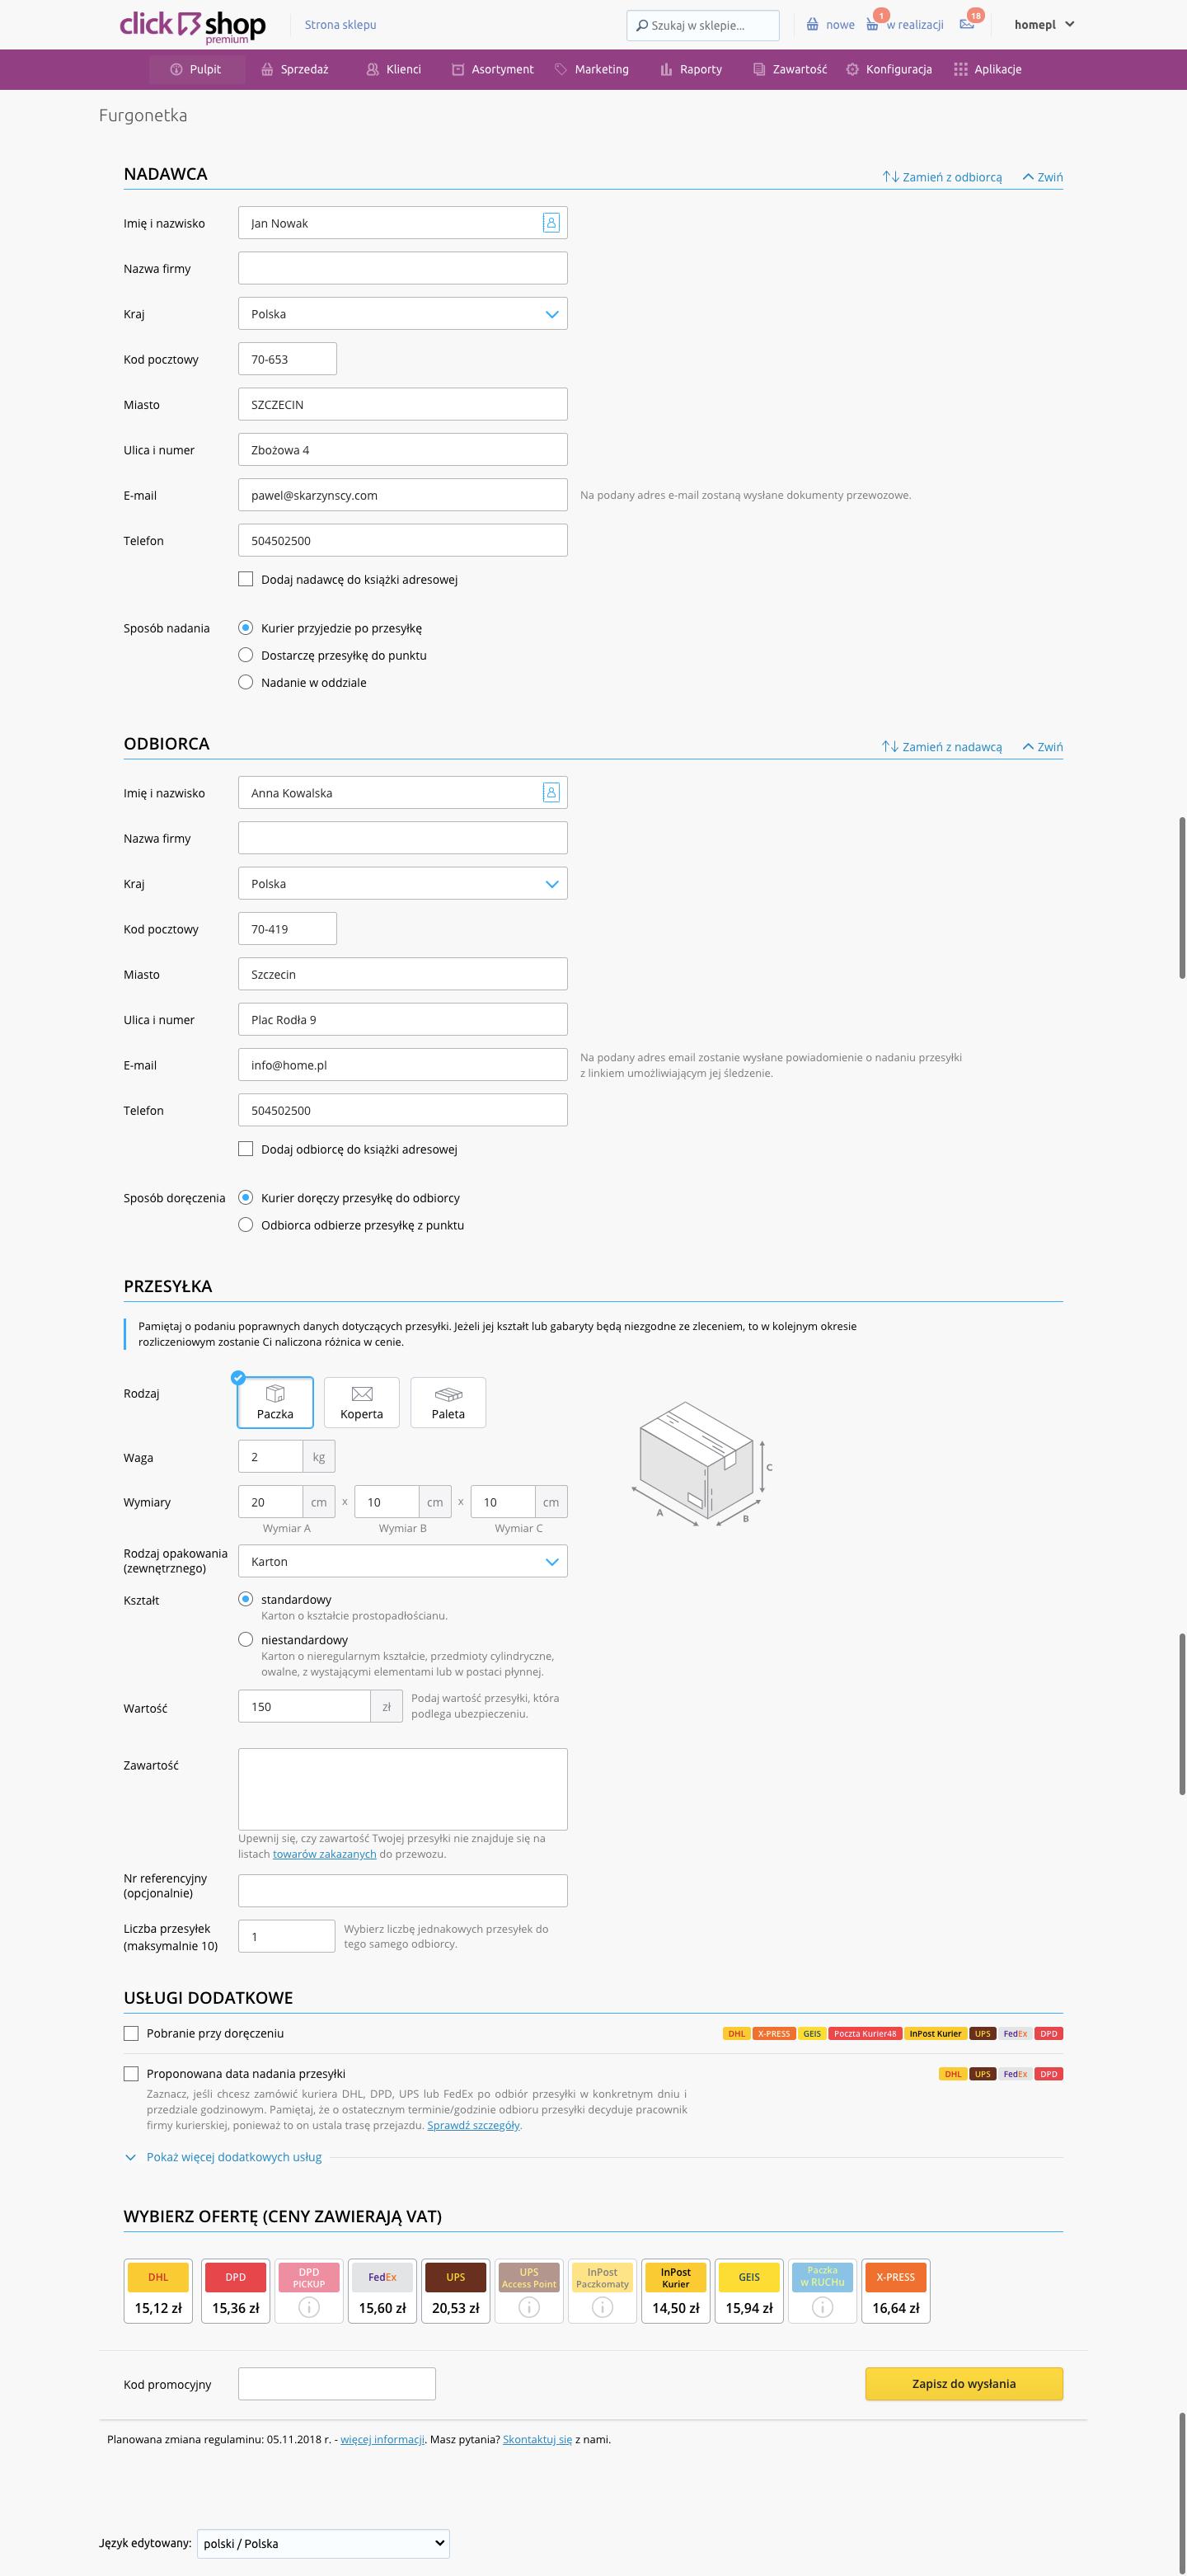 eSklep - Sprzedaż - Zamówienia - Aplikacje - Furgonetka - Logowanie - Formularz - Uzupełnij wszystkie parametry przesyłki